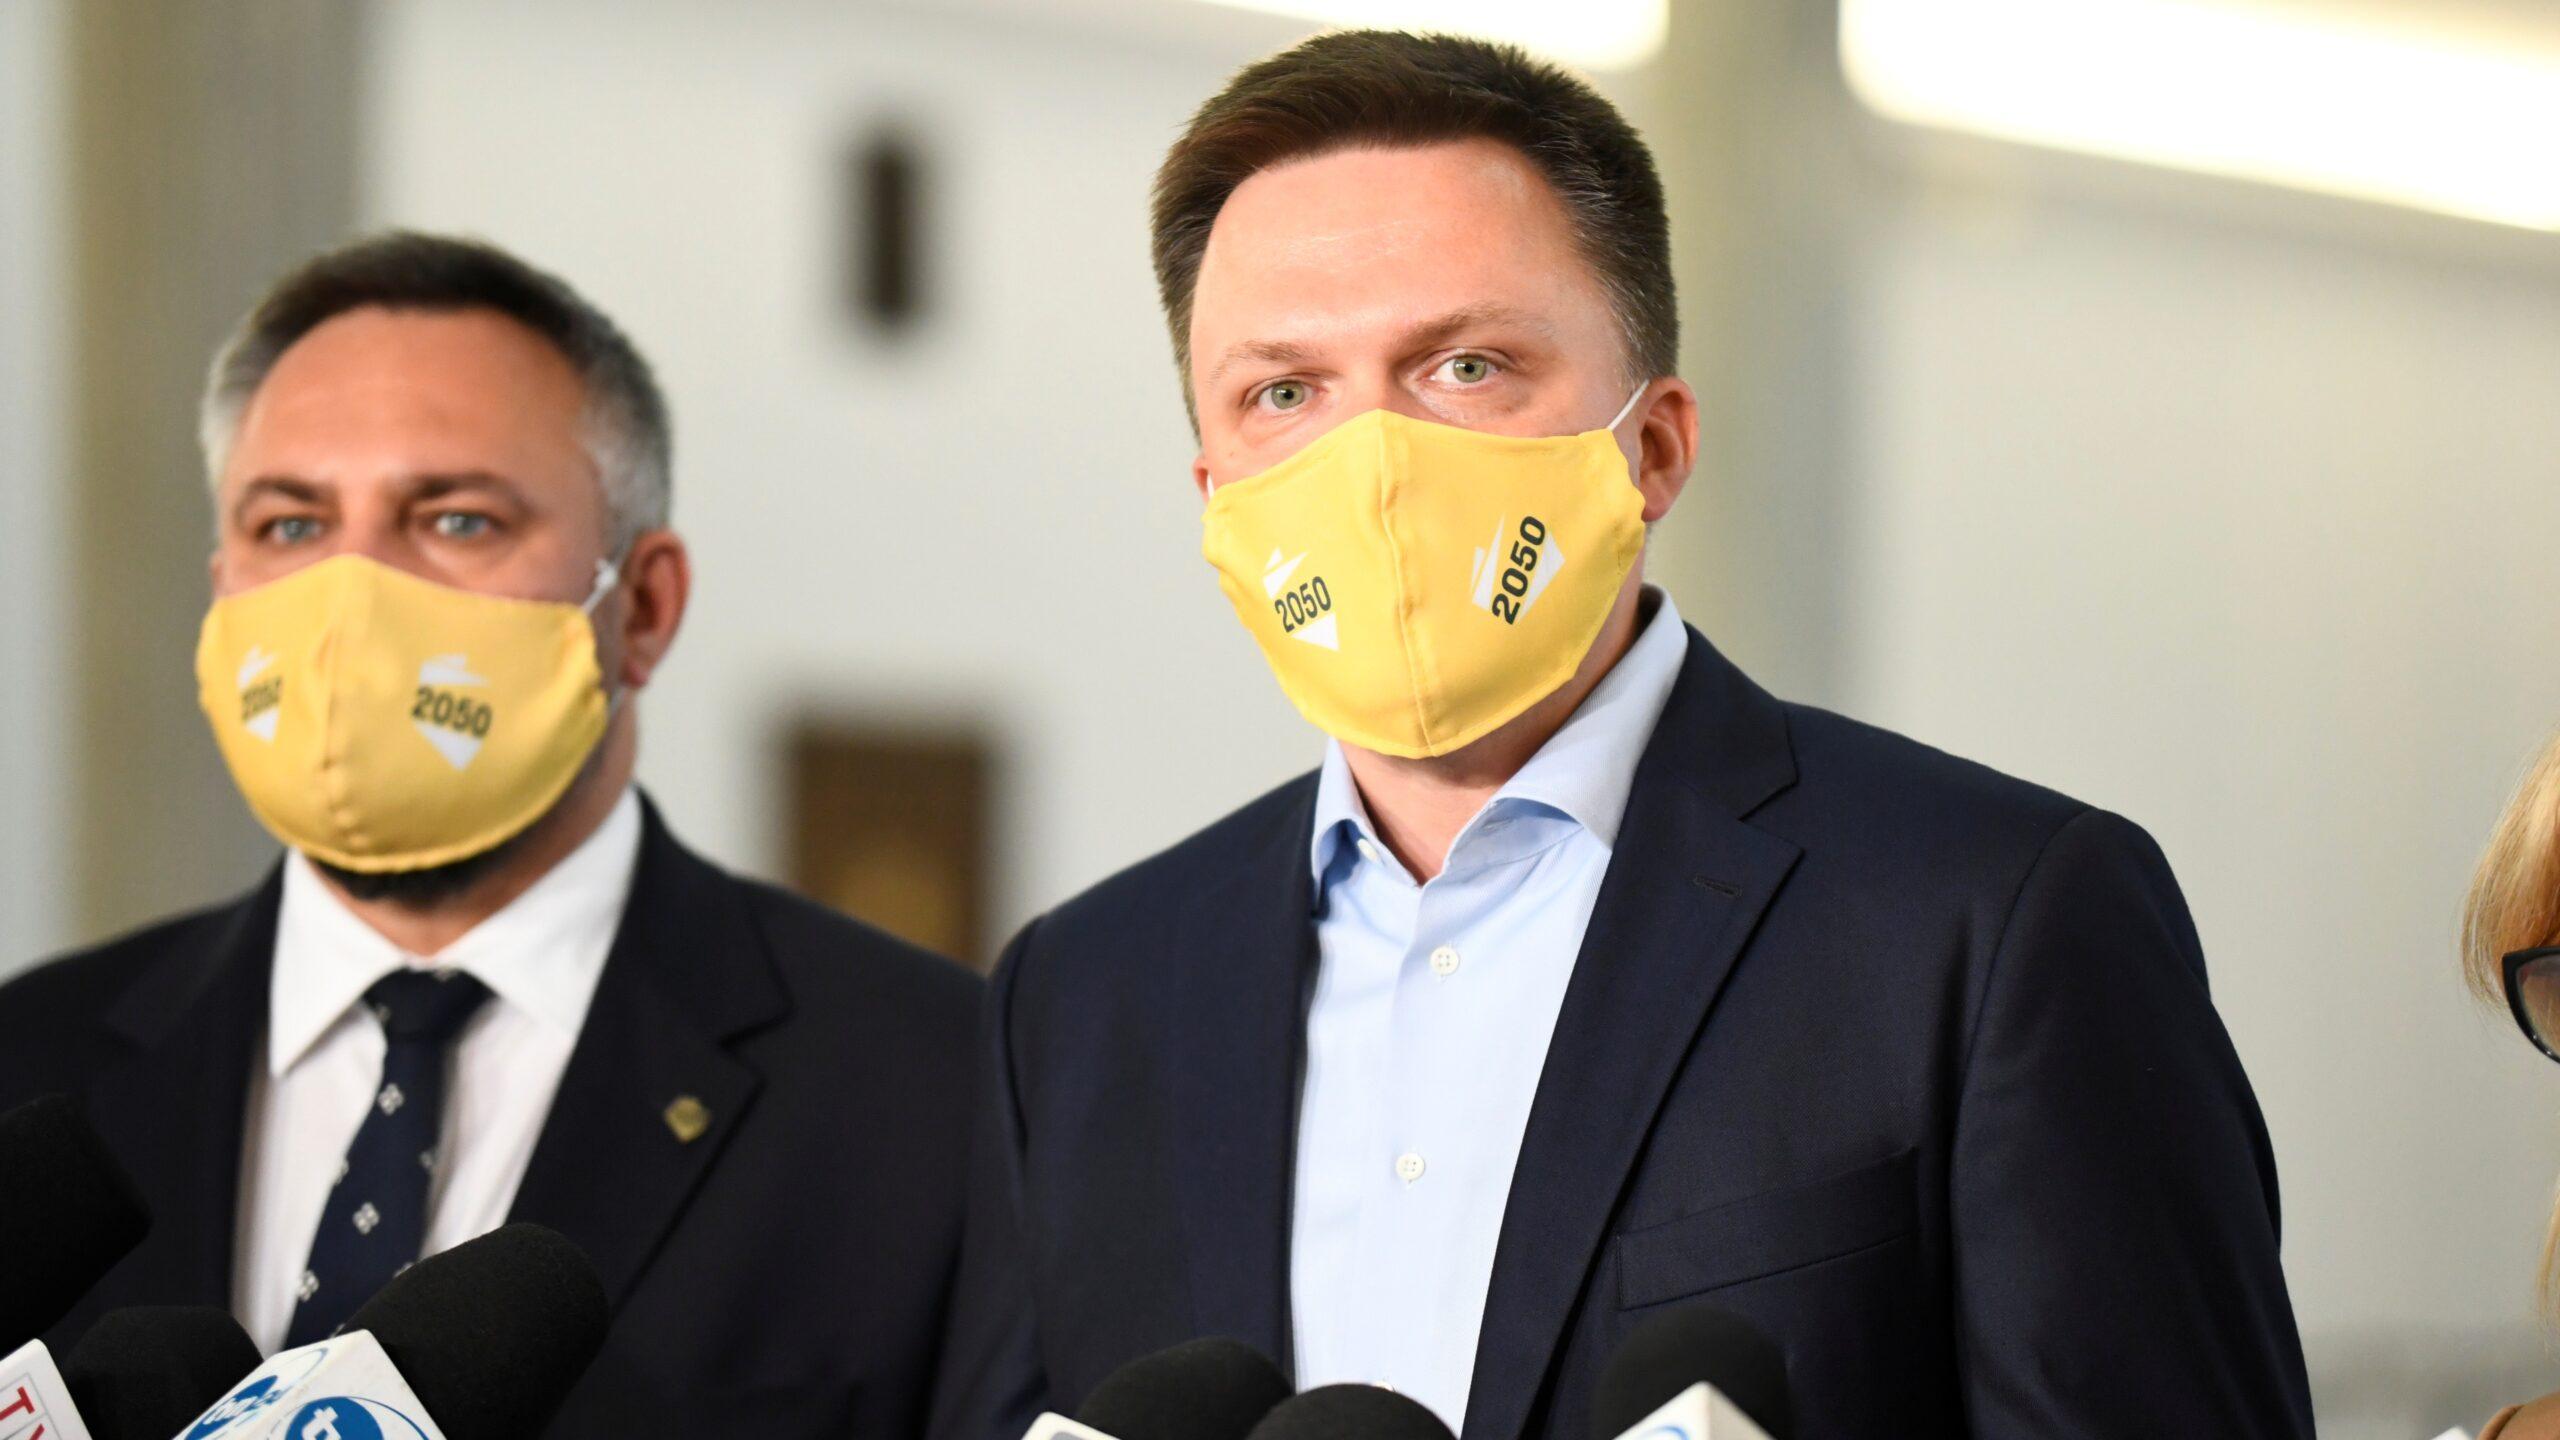 Hołownia: Kaczyński nie ma moralnego prawa rządzić Polską